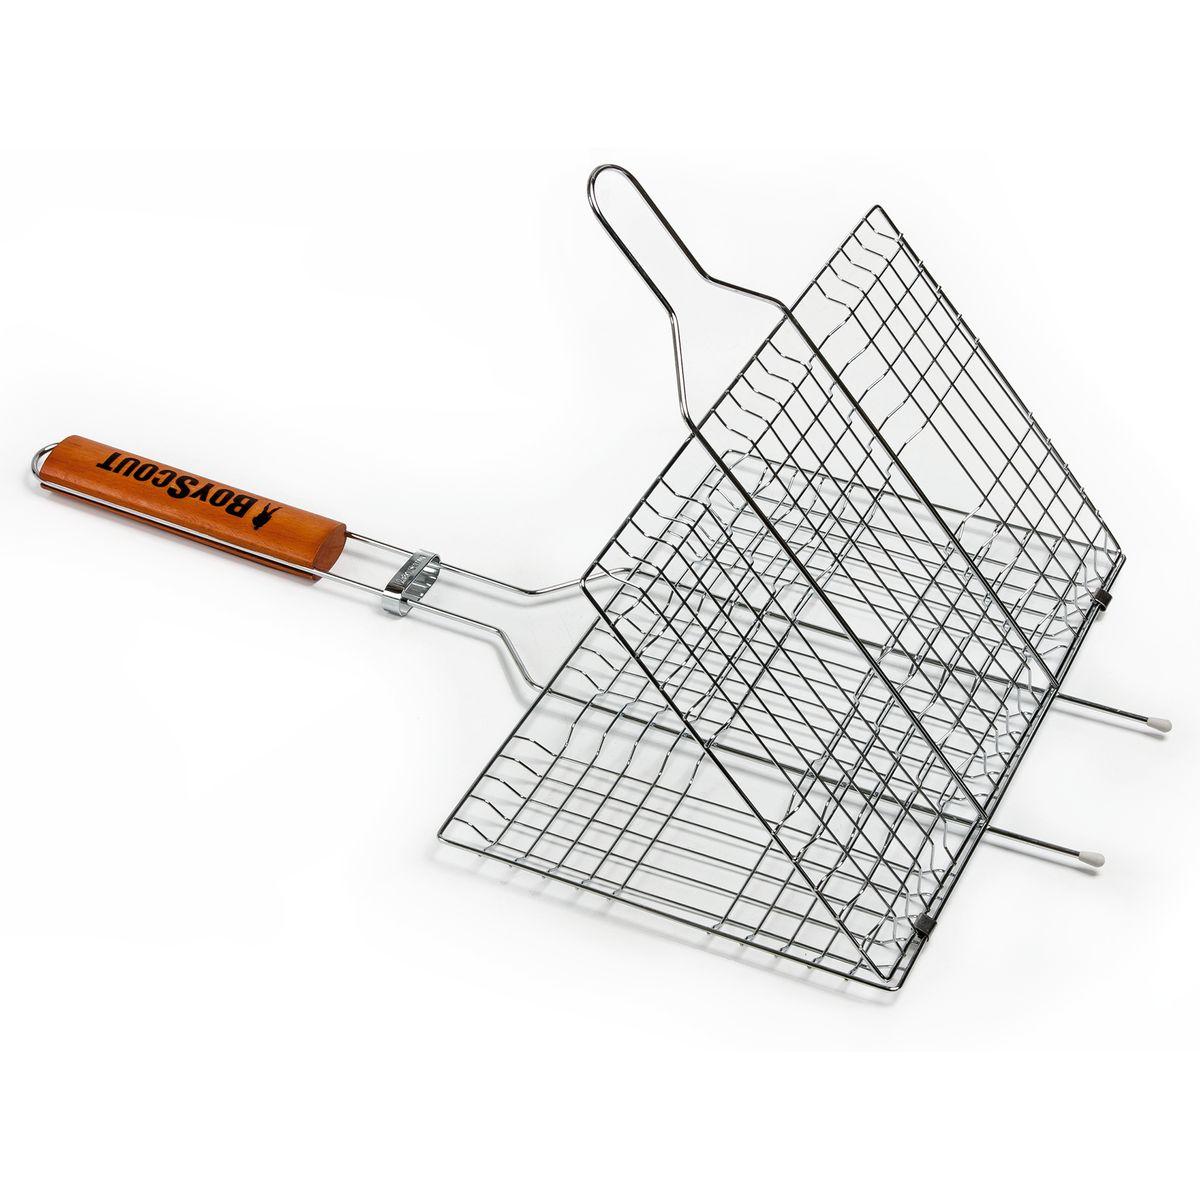 Решетка-гриль Boyscout, универсальная, 59 х 33 х 2,5 см + ПОДАРОК: Веер для розжига Boyscout113Решетка-гриль Boyscout предназначена для приготовления пищи на открытом воздухе. Изготовлена из высококачественной стали с пищевым хромированным покрытием. Решетка имеет деревянную вставку на ручке, предохраняющую руки от ожогов и позволяющую без труда перевернуть решетку. Надежное кольцо-фиксатор гарантирует, что решетка не откроется, и продукты не выпадут.Приготовление вкусных блюд из рыбы, мяса или птицы на пикнике становится еще более быстрым и удобным с использованием решетки-гриль. К решетке прилагается подарок - веер для розжига, выполненный из плотного картона.Размер рабочей поверхности: 33 см х 22 см х 2,5 см.Длина ручки: 32 см.Размер веера: 21 см х 15 см х 0,5 см.